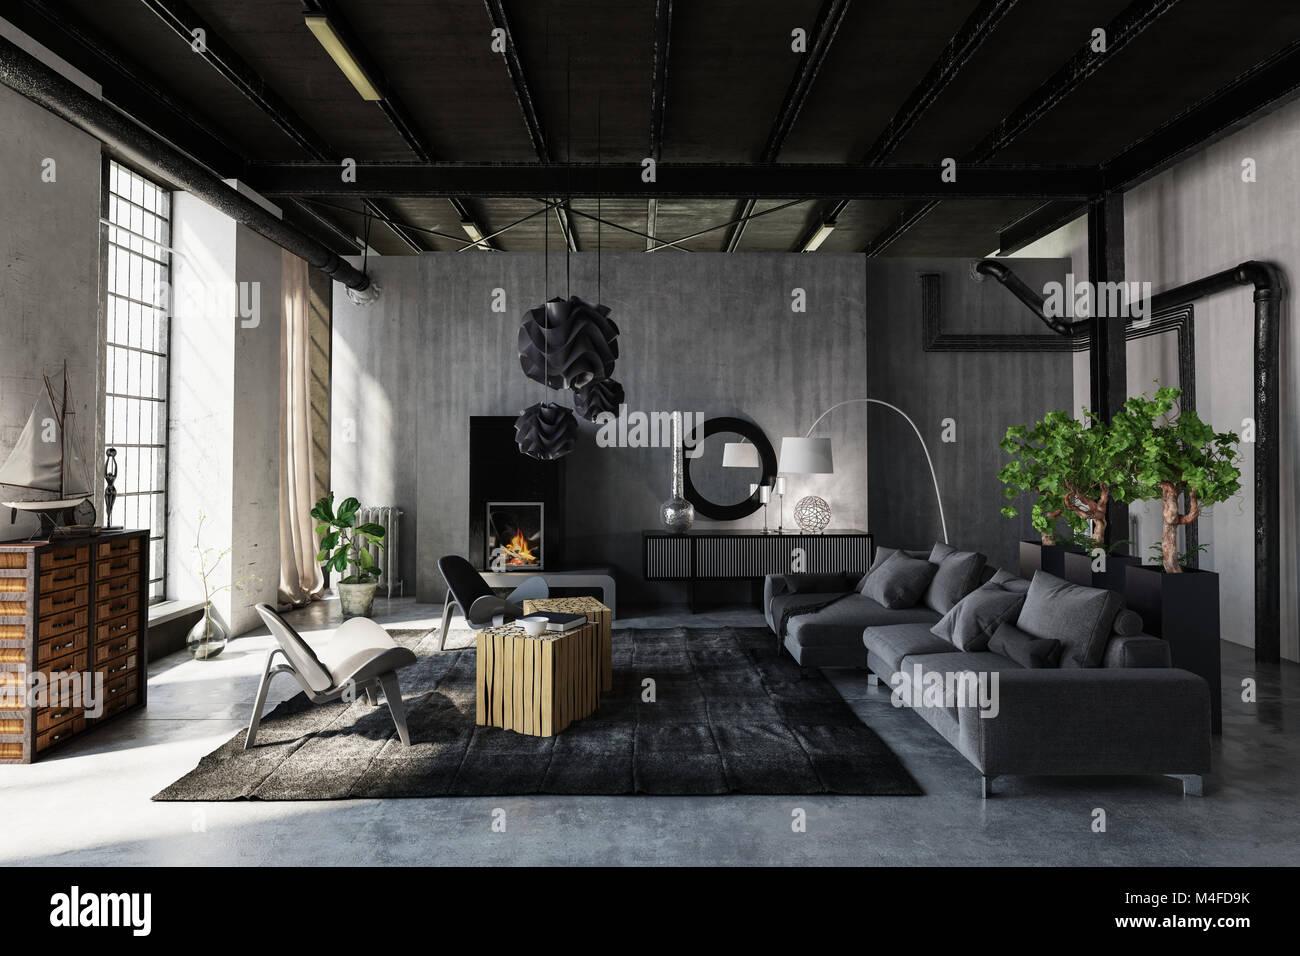 Schickes, Modernes Wohnzimmer In Einem Industriellen Dachbodenumwandlung  Mit Grau Dekor Und Lounge Suite Und Strukturelle Elemente, Die Durch Große  Fenster ...